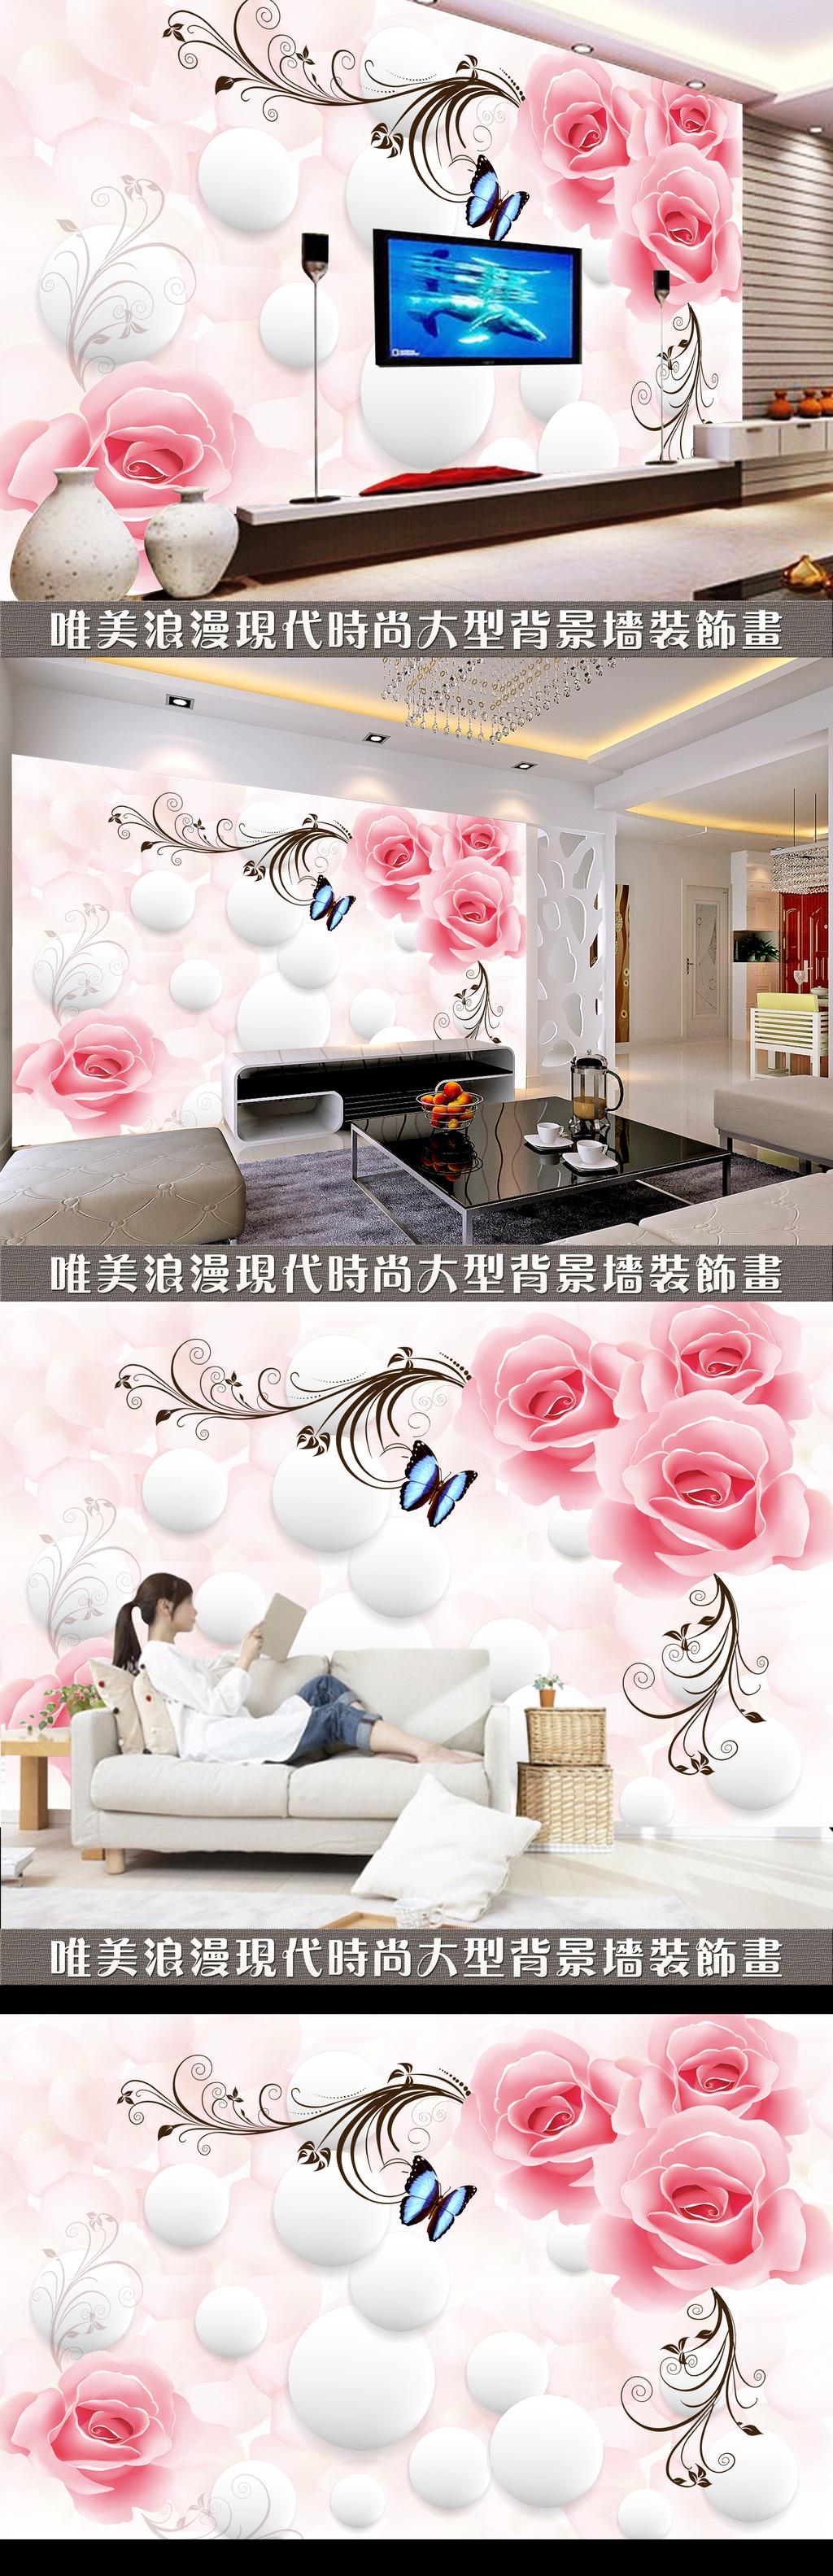 背景墙 电视/3D立体粉红玫瑰花藤电视背景墙设计